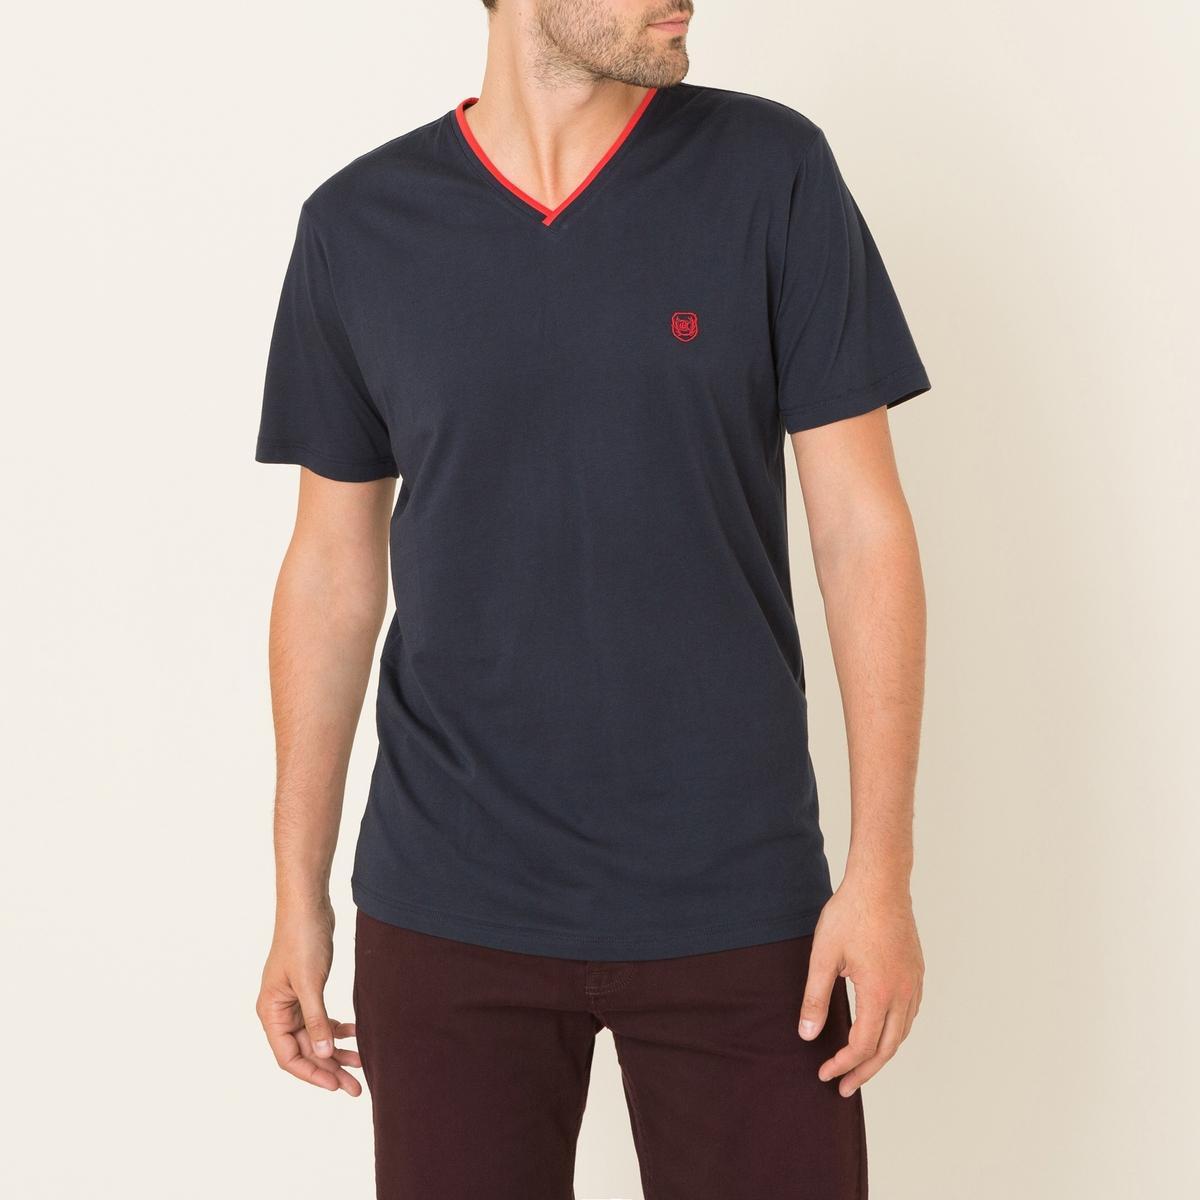 Однотонная футболкаФутболка THE KOOPLES SPORT - с V-образным двухцветным вырезом .  V-образный перекрестный двухцветный вырез в рубчик . Короткие рукава. Прямой покрой.Состав и описание Материал : джерси, 100% хлопкаРубчик 95% хлопка, 5% эластана Марка : THE KOOPLES SPORT<br><br>Цвет: темно-синий